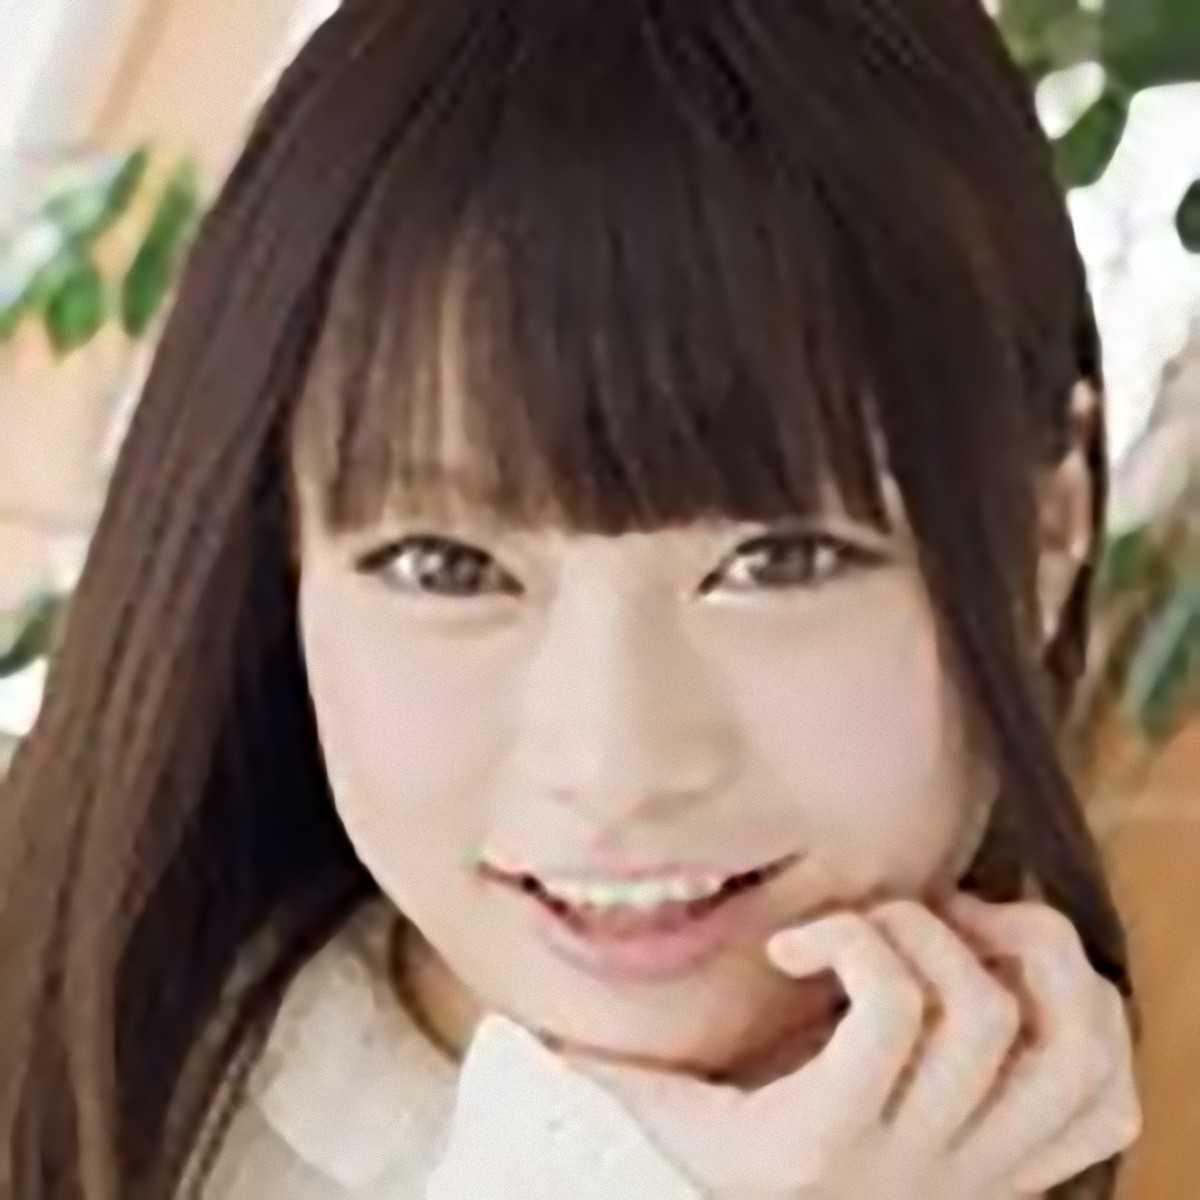 早川凛さんのプロフィールと画像集7ページ目   AV女優画像-ラブ